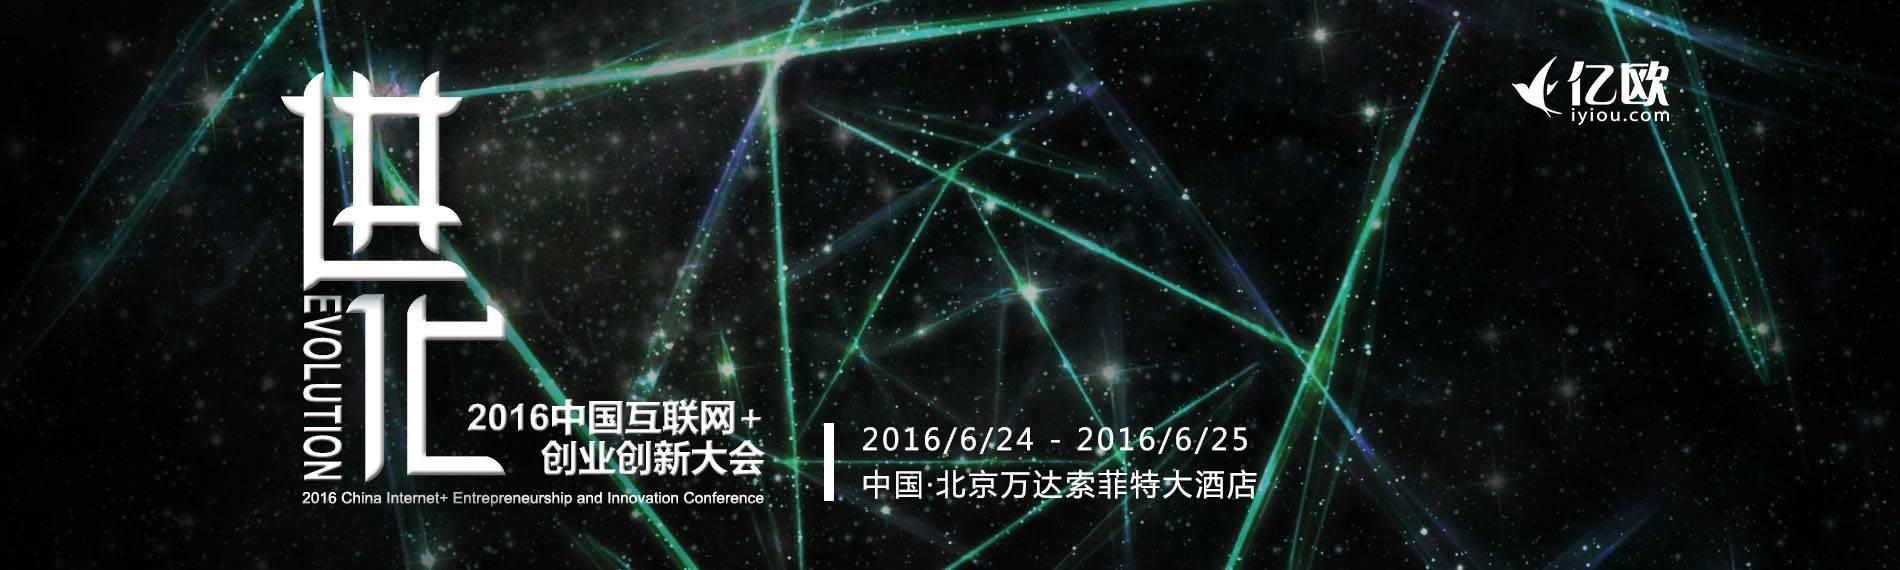 进化 · 2016年中国互联网+创业创新大会专题